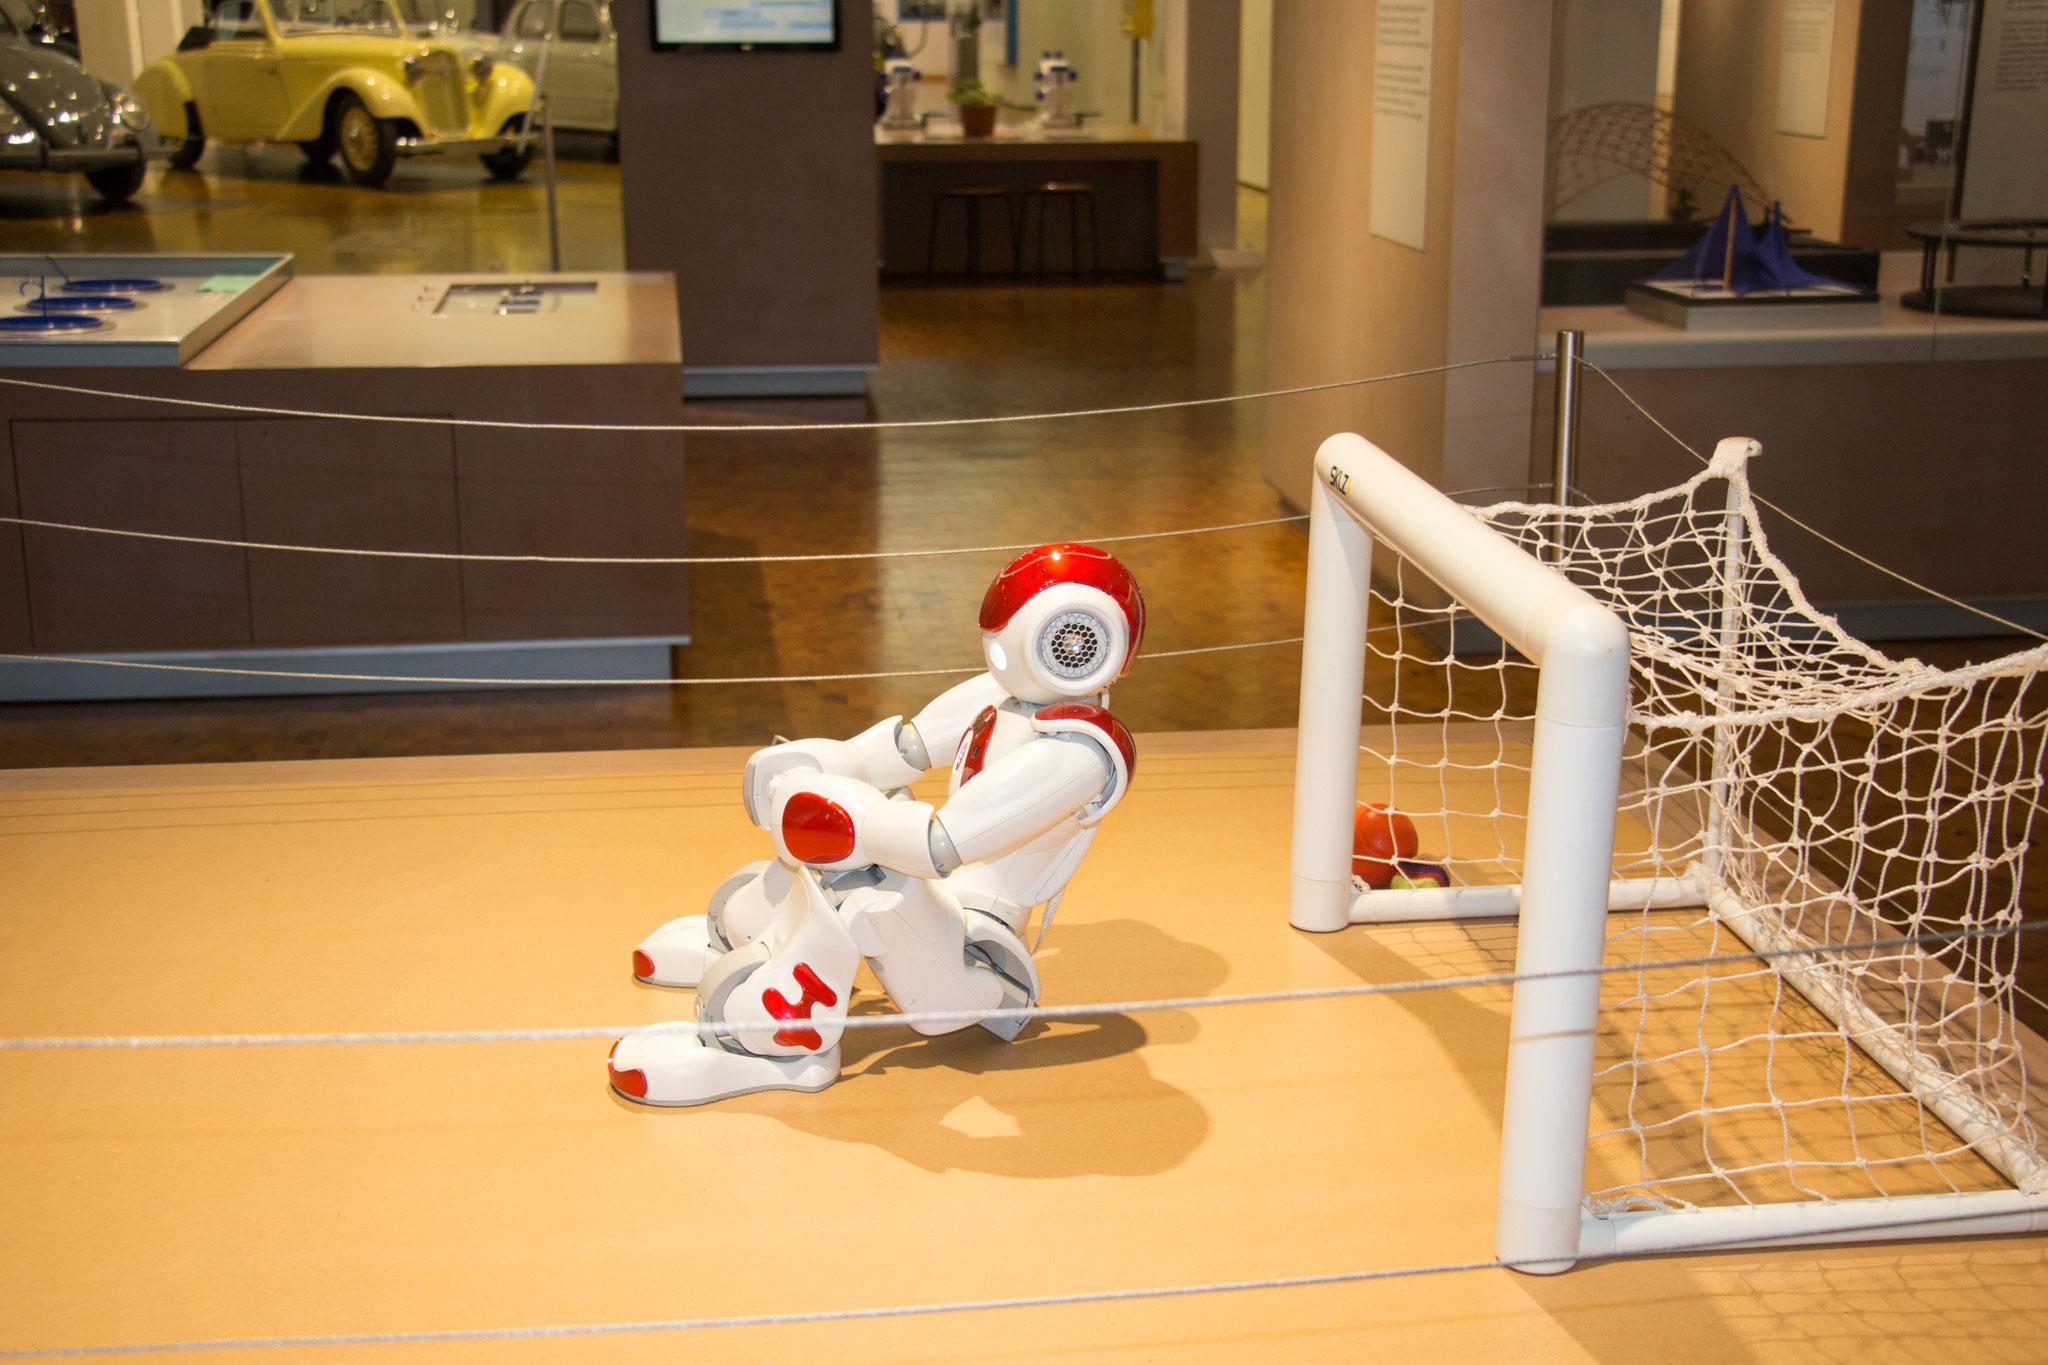 Ein Roboter, der Fußball spielen kann